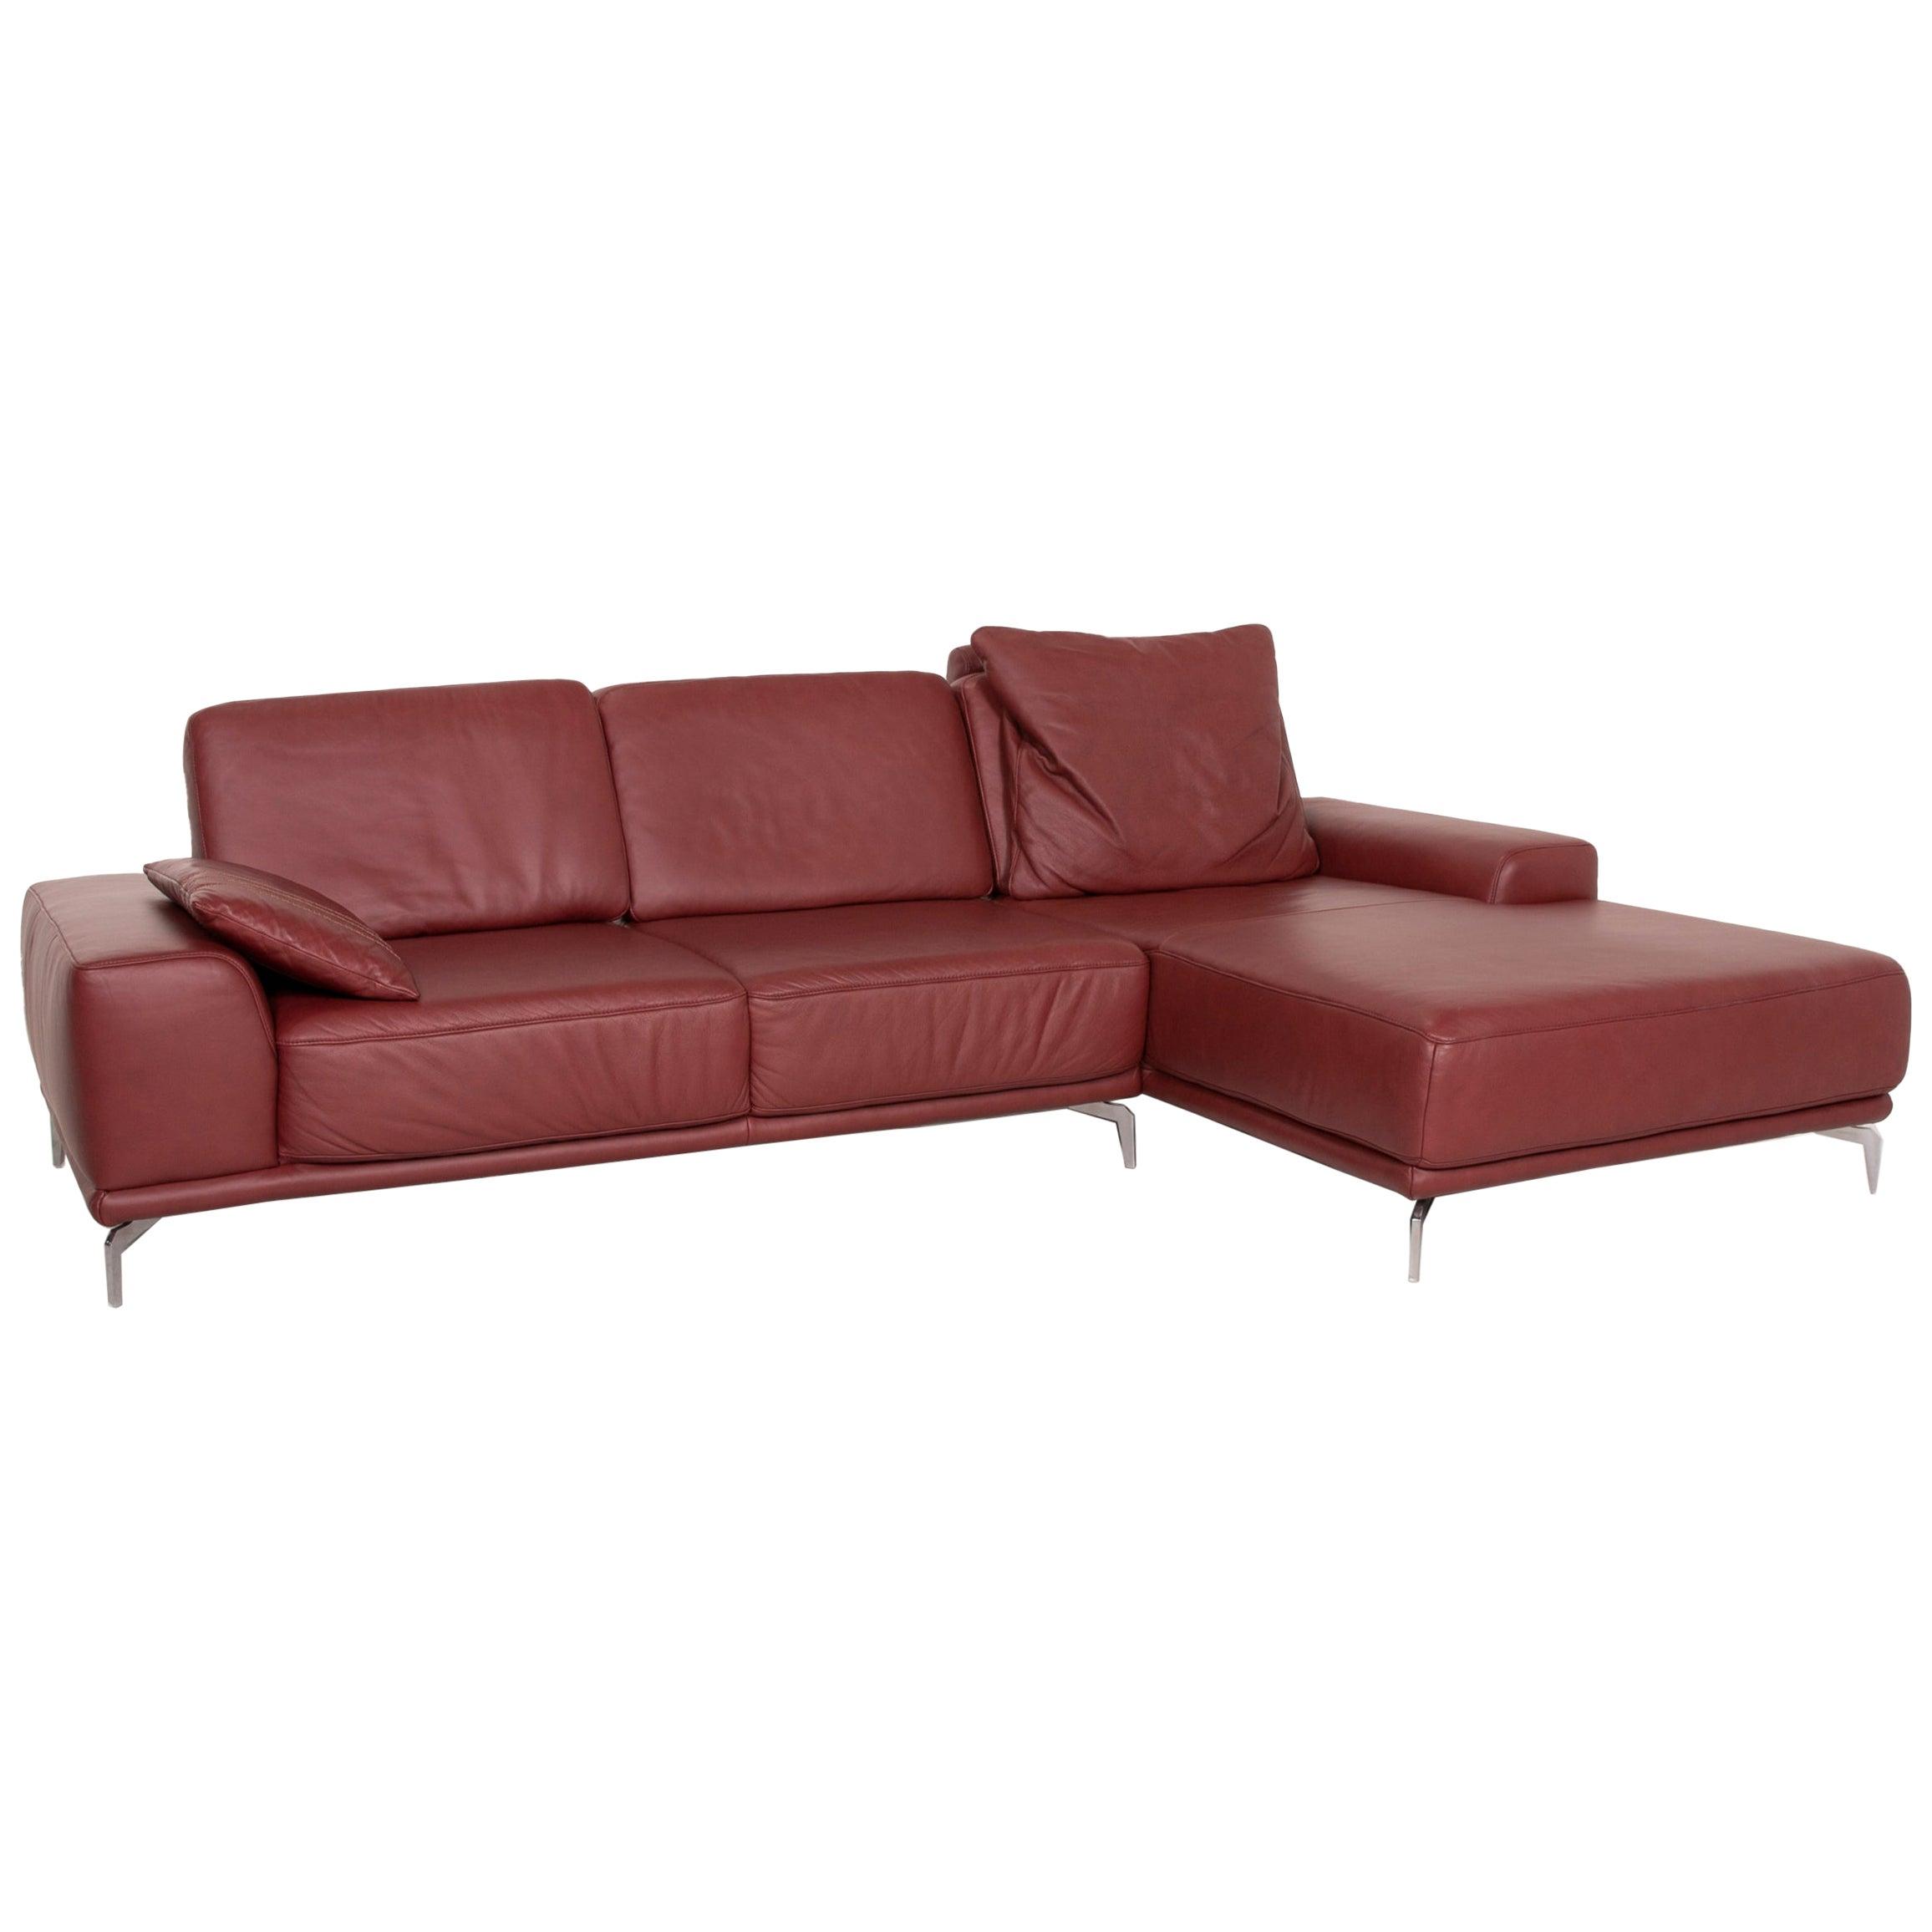 Willi Schillig Sixty SiXx Leather Sofa Red Corner Sofa